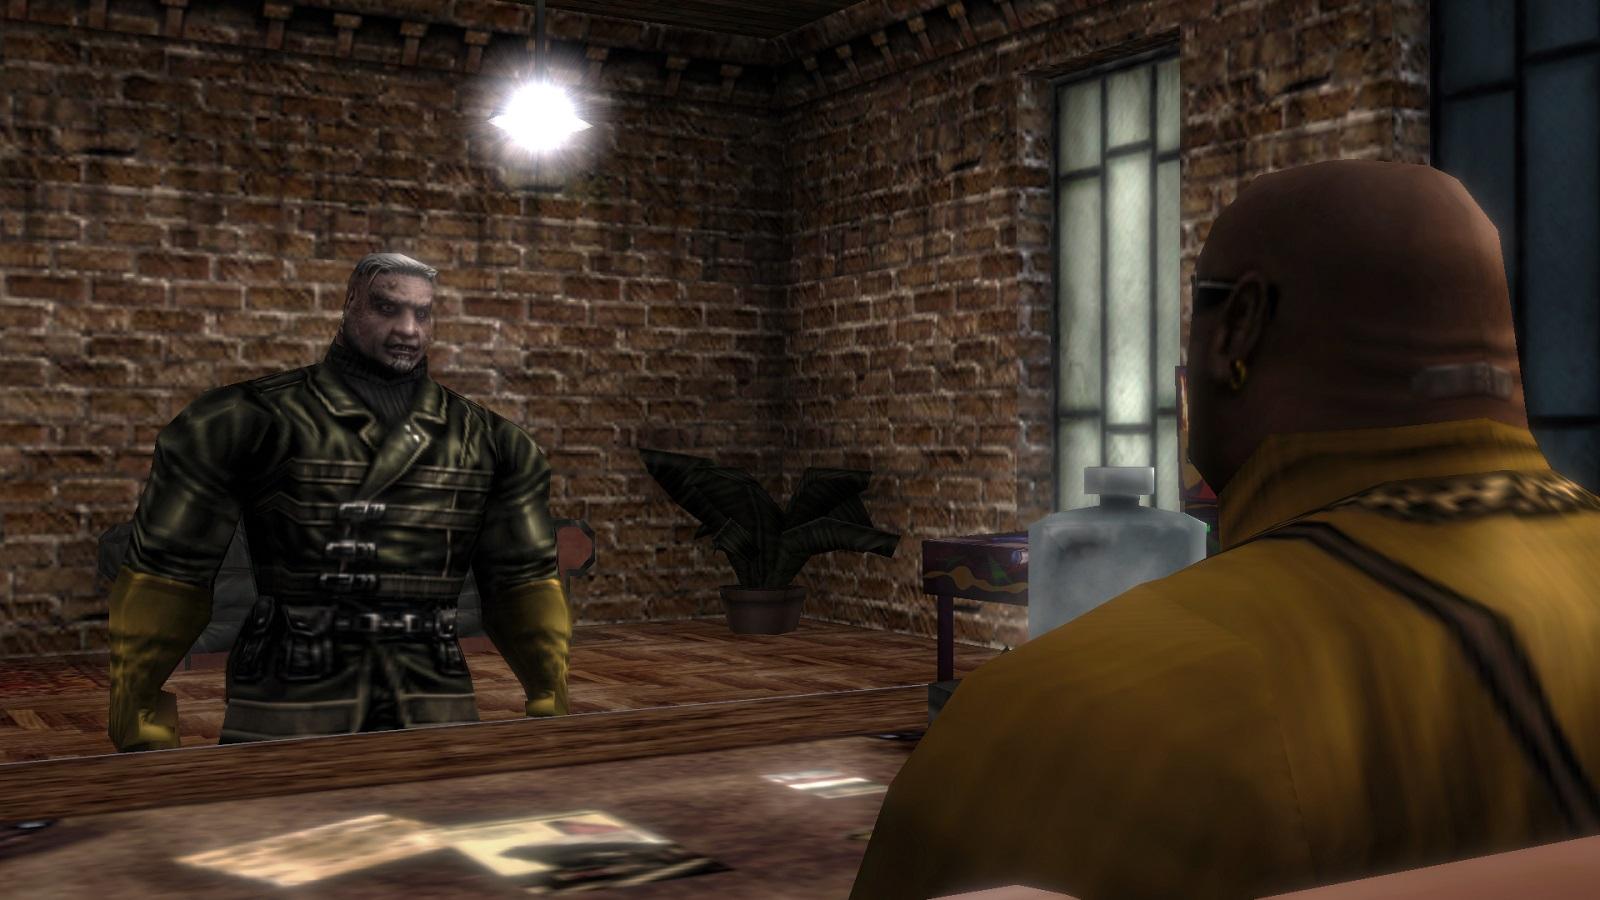 Ремастер криминального шутера Kingpin: Life of Crime выйдет позже запланированного